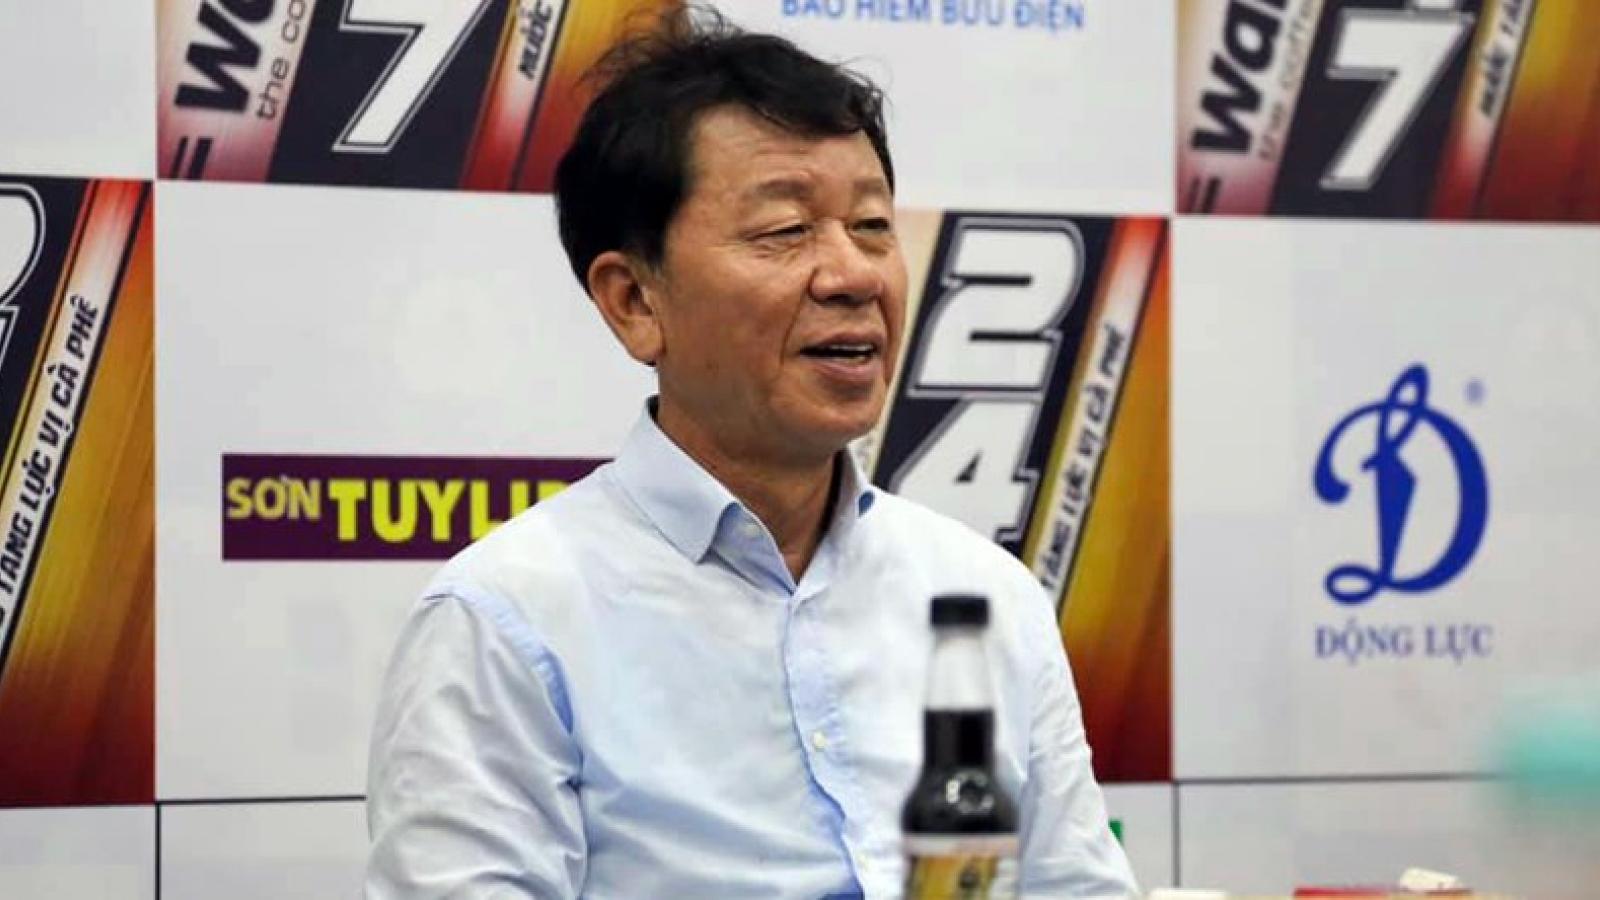 CHÍNH THỨC: HLV Chung Hae Seong thôi dẫn dắt CLB TPHCM